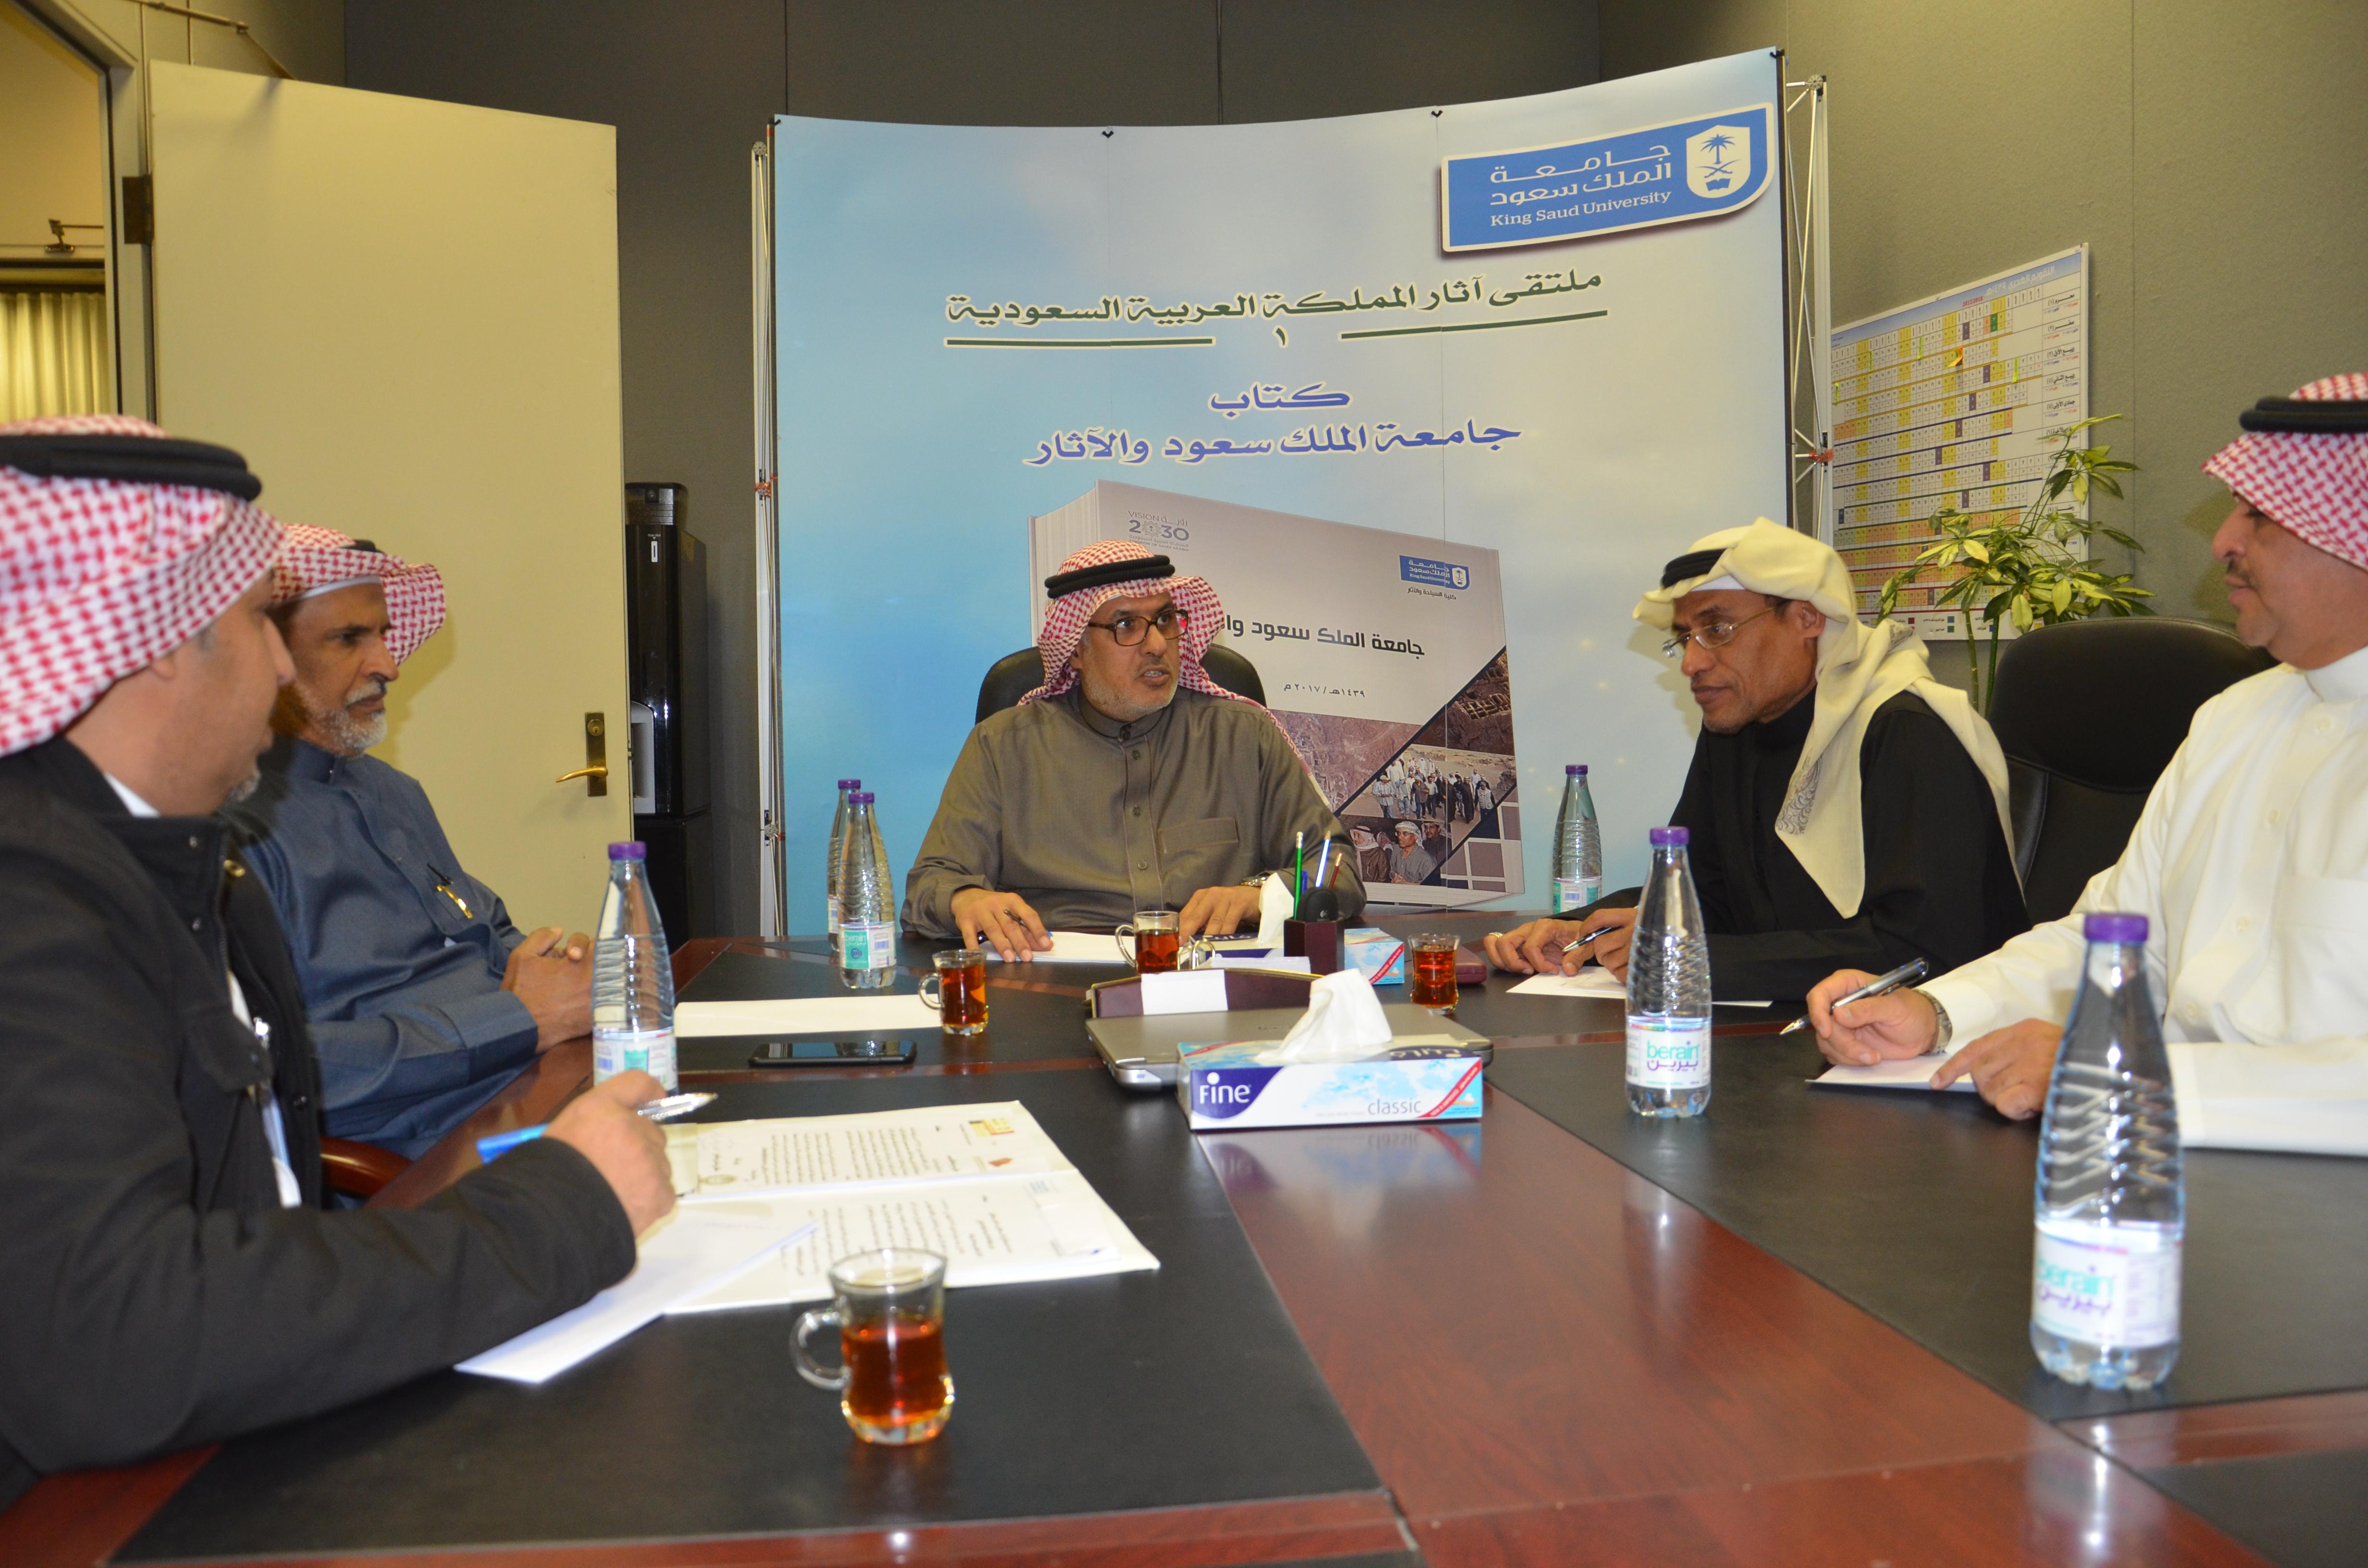 اجتماع مع وفد الهيئة العامة للسياحة والتراث الوطني لترتيبات جائزة الدكتور عبدالرحمن الأنصاري